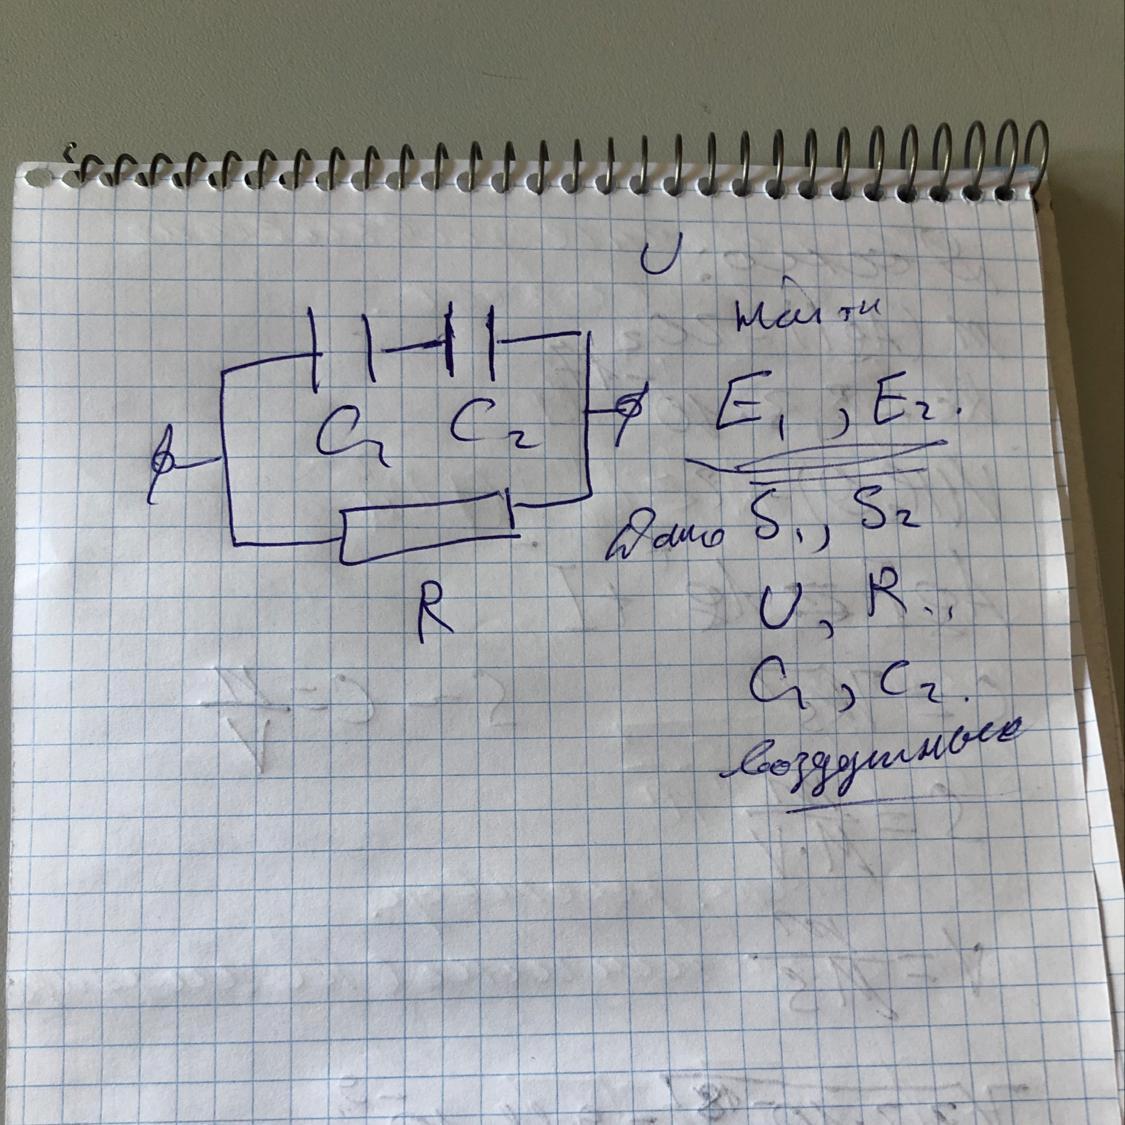 Дано: S1,S2,U,R,C1,C2. Конденсаторы воздушные.